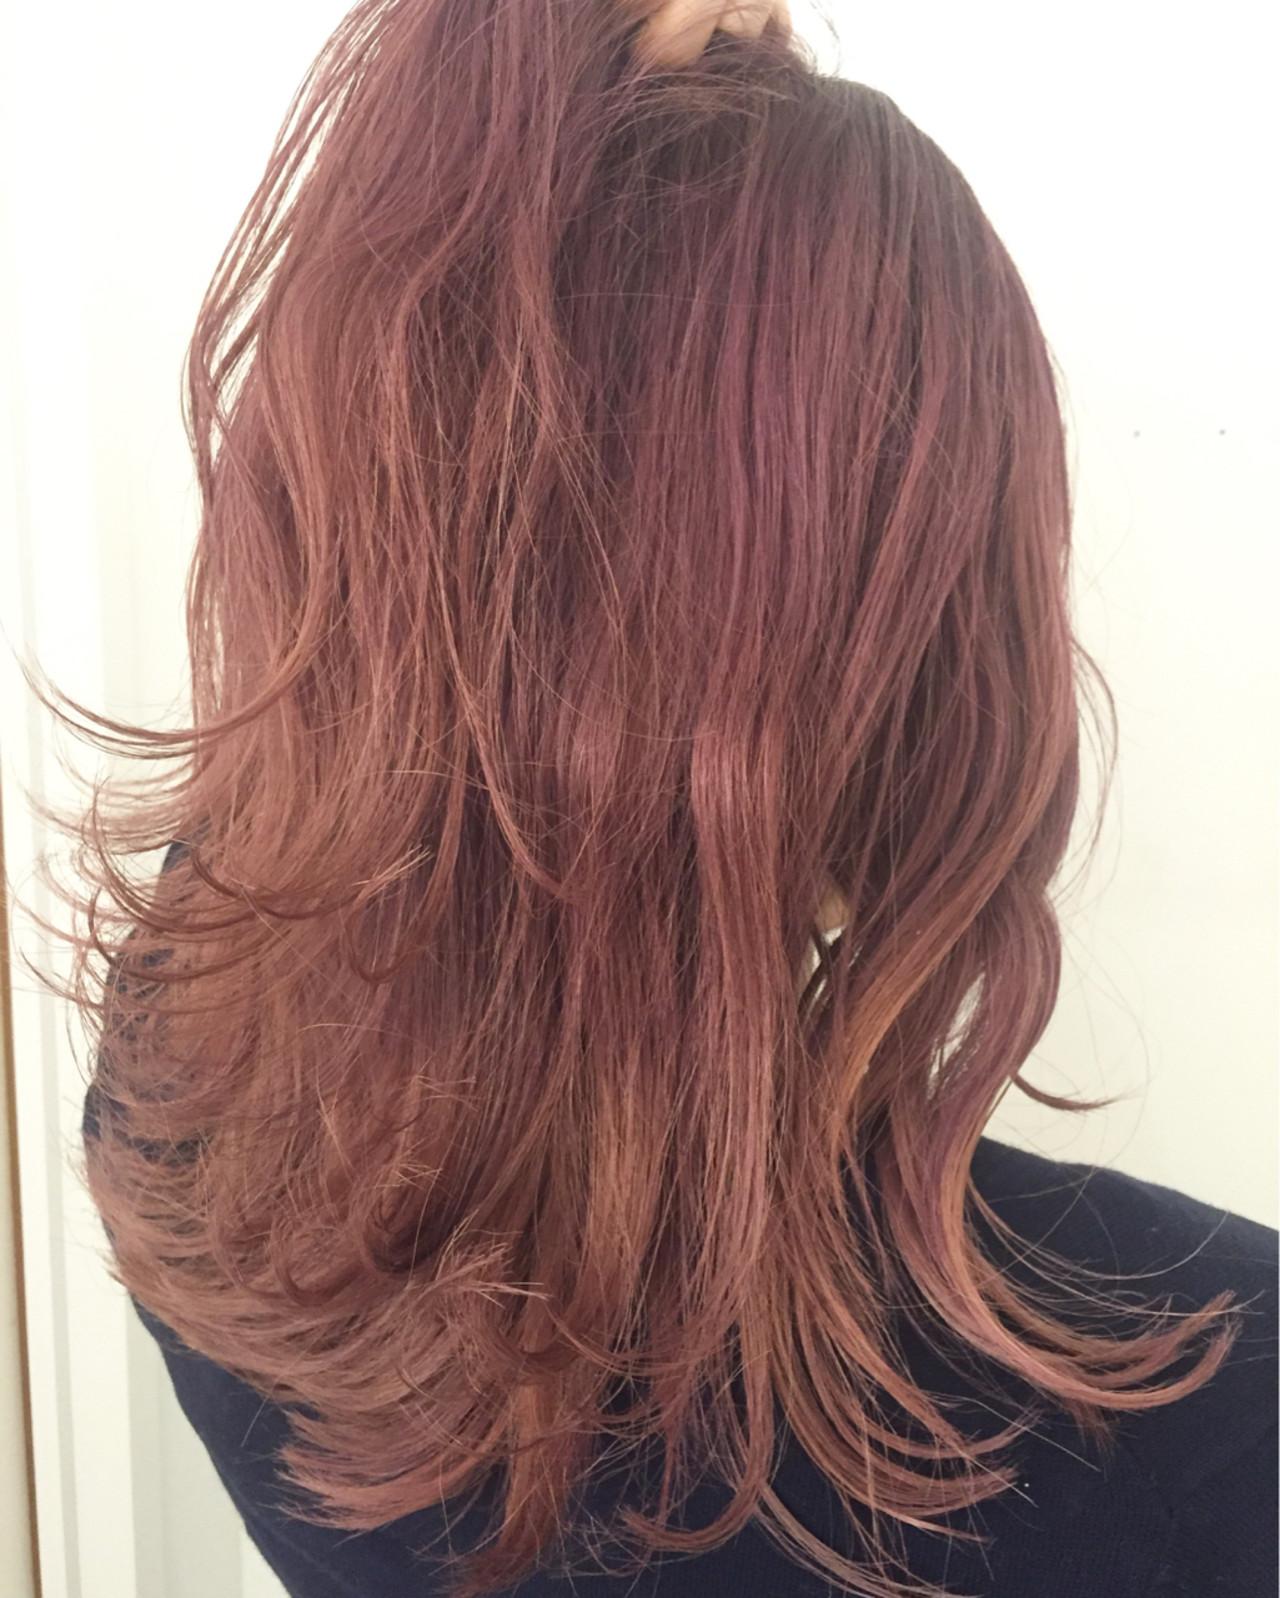 ラベンダーアッシュなあなたの髪色を旬に♪うっとり色落ちを楽しもう 大石 卓 / Ticro hair